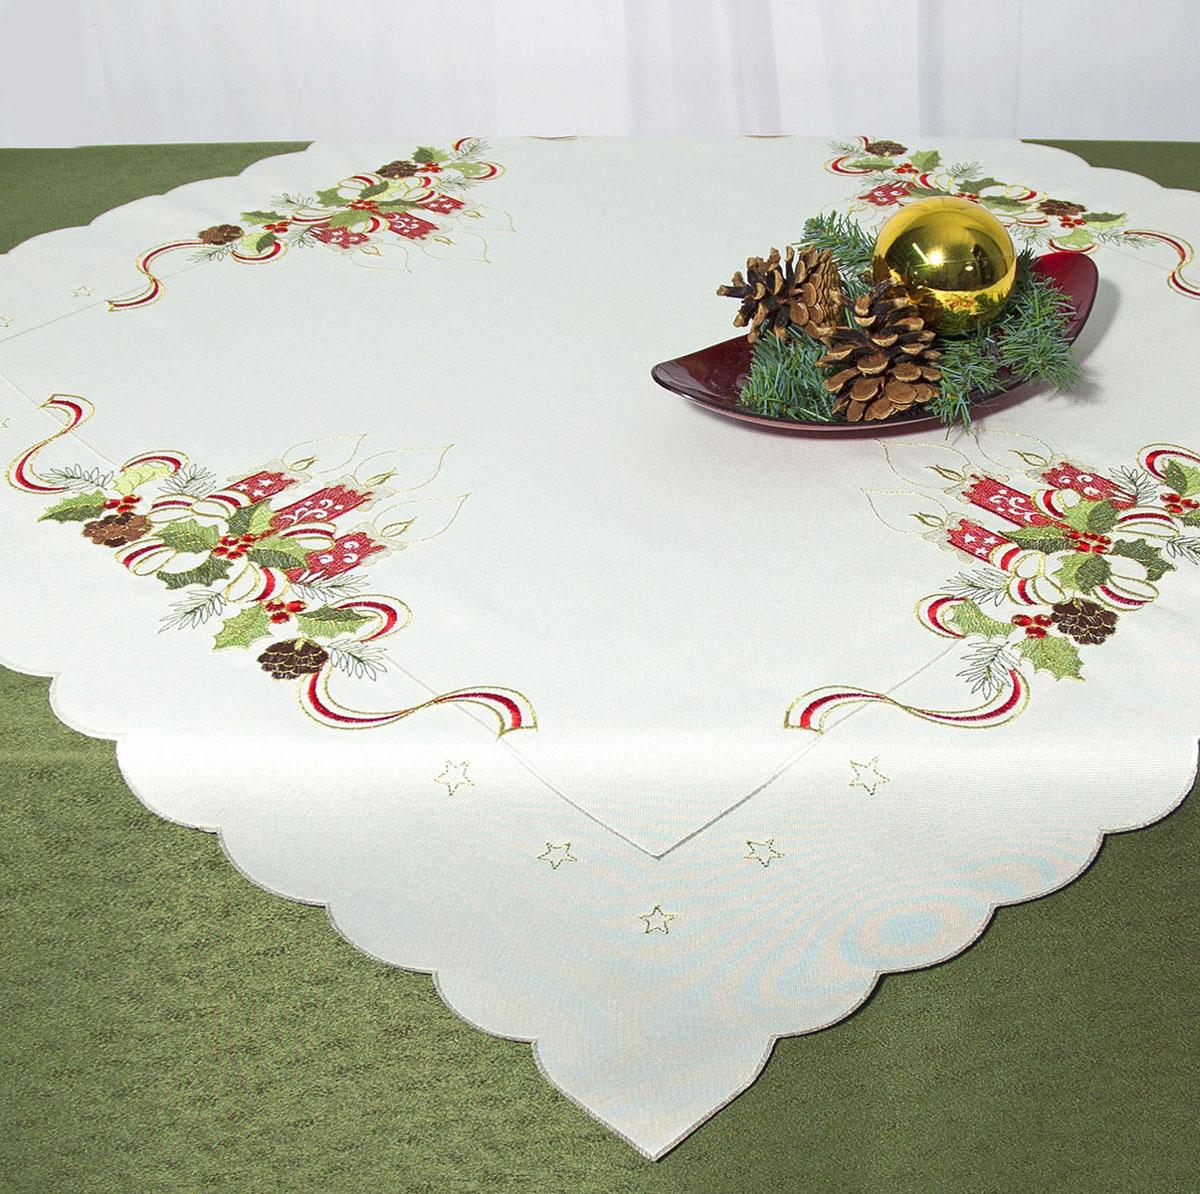 Скатерть Schaefer, квадратная, цвет: белый, 85x 85 см. 07488-100VT-1520(SR)Скатерть Schaefer изготовлена из полиэстера и украшена новогодней вышивкой.Изделия из полиэстера легко стирать: они не мнутся, не садятся и быстро сохнут, они более долговечны, чем изделия из натуральных волокон. Кроме того, ткань обладает водоотталкивающими свойствами. Такая скатерть будет просто не заменима на кухне, а особенно на вашем обеденном столе на даче под открытым небом. Скатерть Schaefer не останется без внимания ваших гостей, а вас будет ежедневно радовать ярким дизайном и несравненным качеством.Немецкая компания Schaefer создана в 1921 году. На протяжении всего времени существования она создает уникальные коллекции домашнего текстиля для гостиных, спален, кухонь и ванных комнат. Дизайнерские идеи немецких художников компании Schaefer воплощаются в текстильных изделиях, которые сделают ваш дом красивее и уютнее и не останутся незамеченными вашими гостями. Дарите себе и близким красоту каждый день! Изысканный текстиль от немецкой компании Schaefer - это красота, стиль и уют в вашем доме.